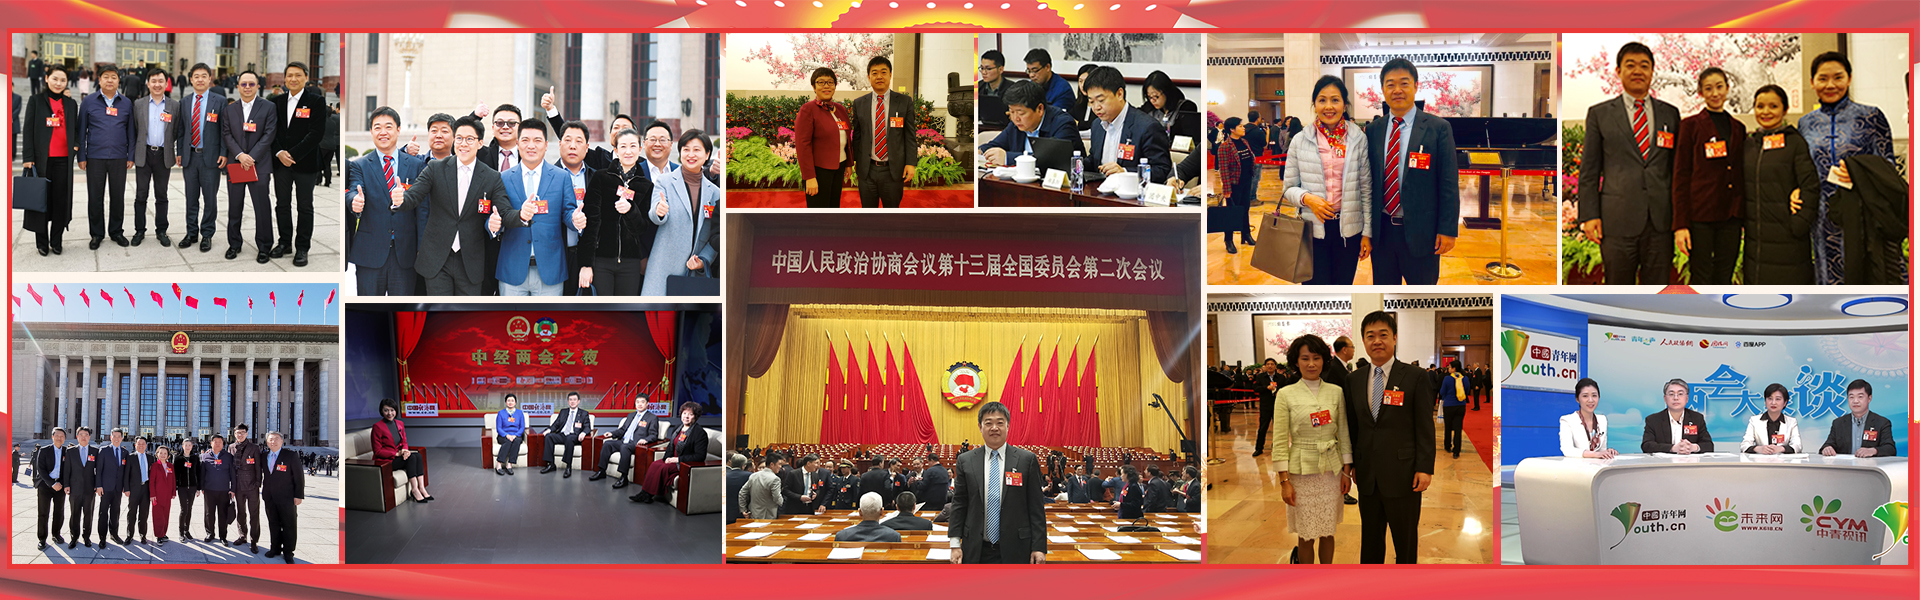 2019年全国政协会议